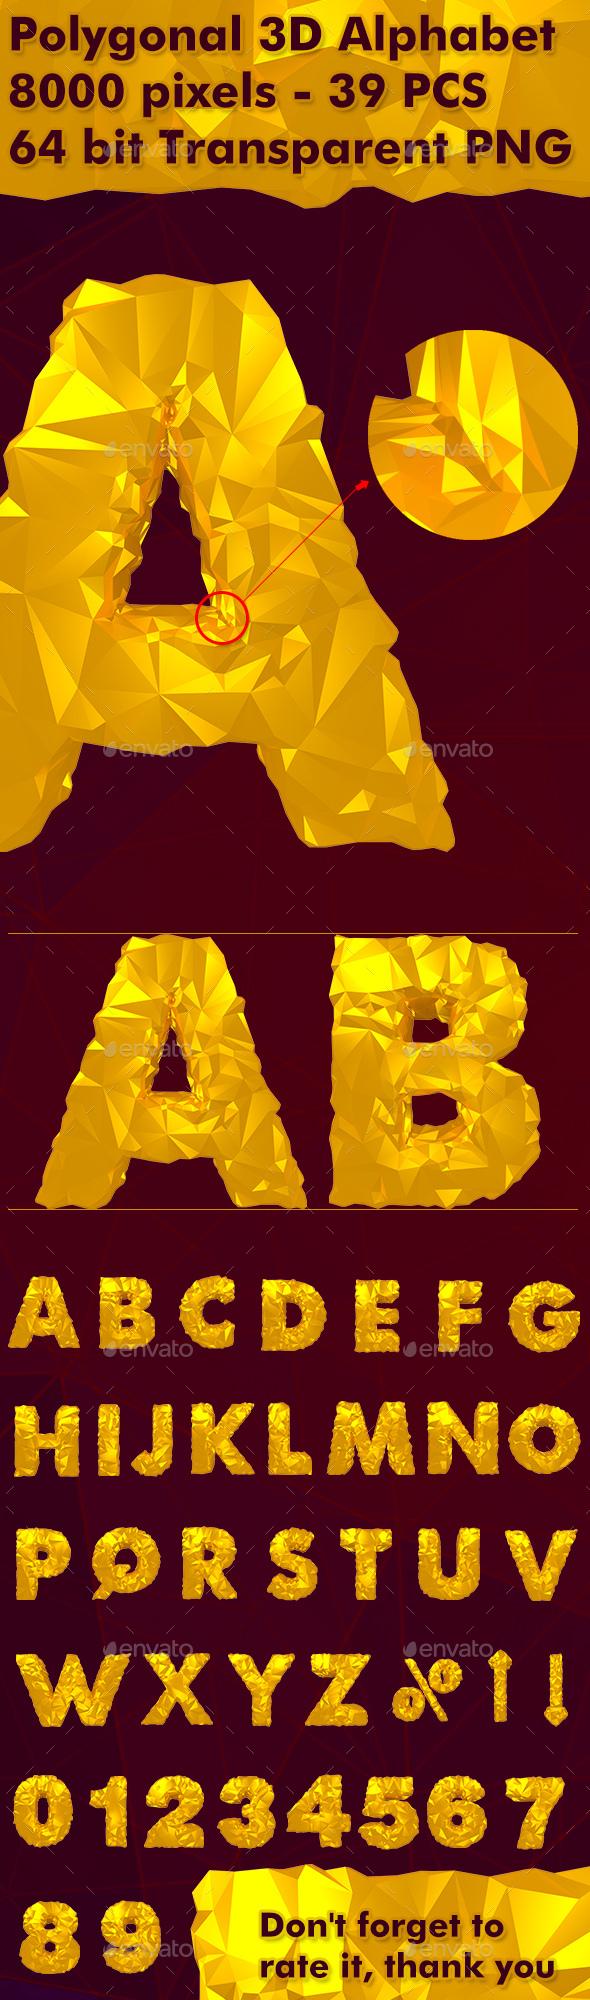 3D Polygonal Alphabet ( 39 PCS ) - Text 3D Renders